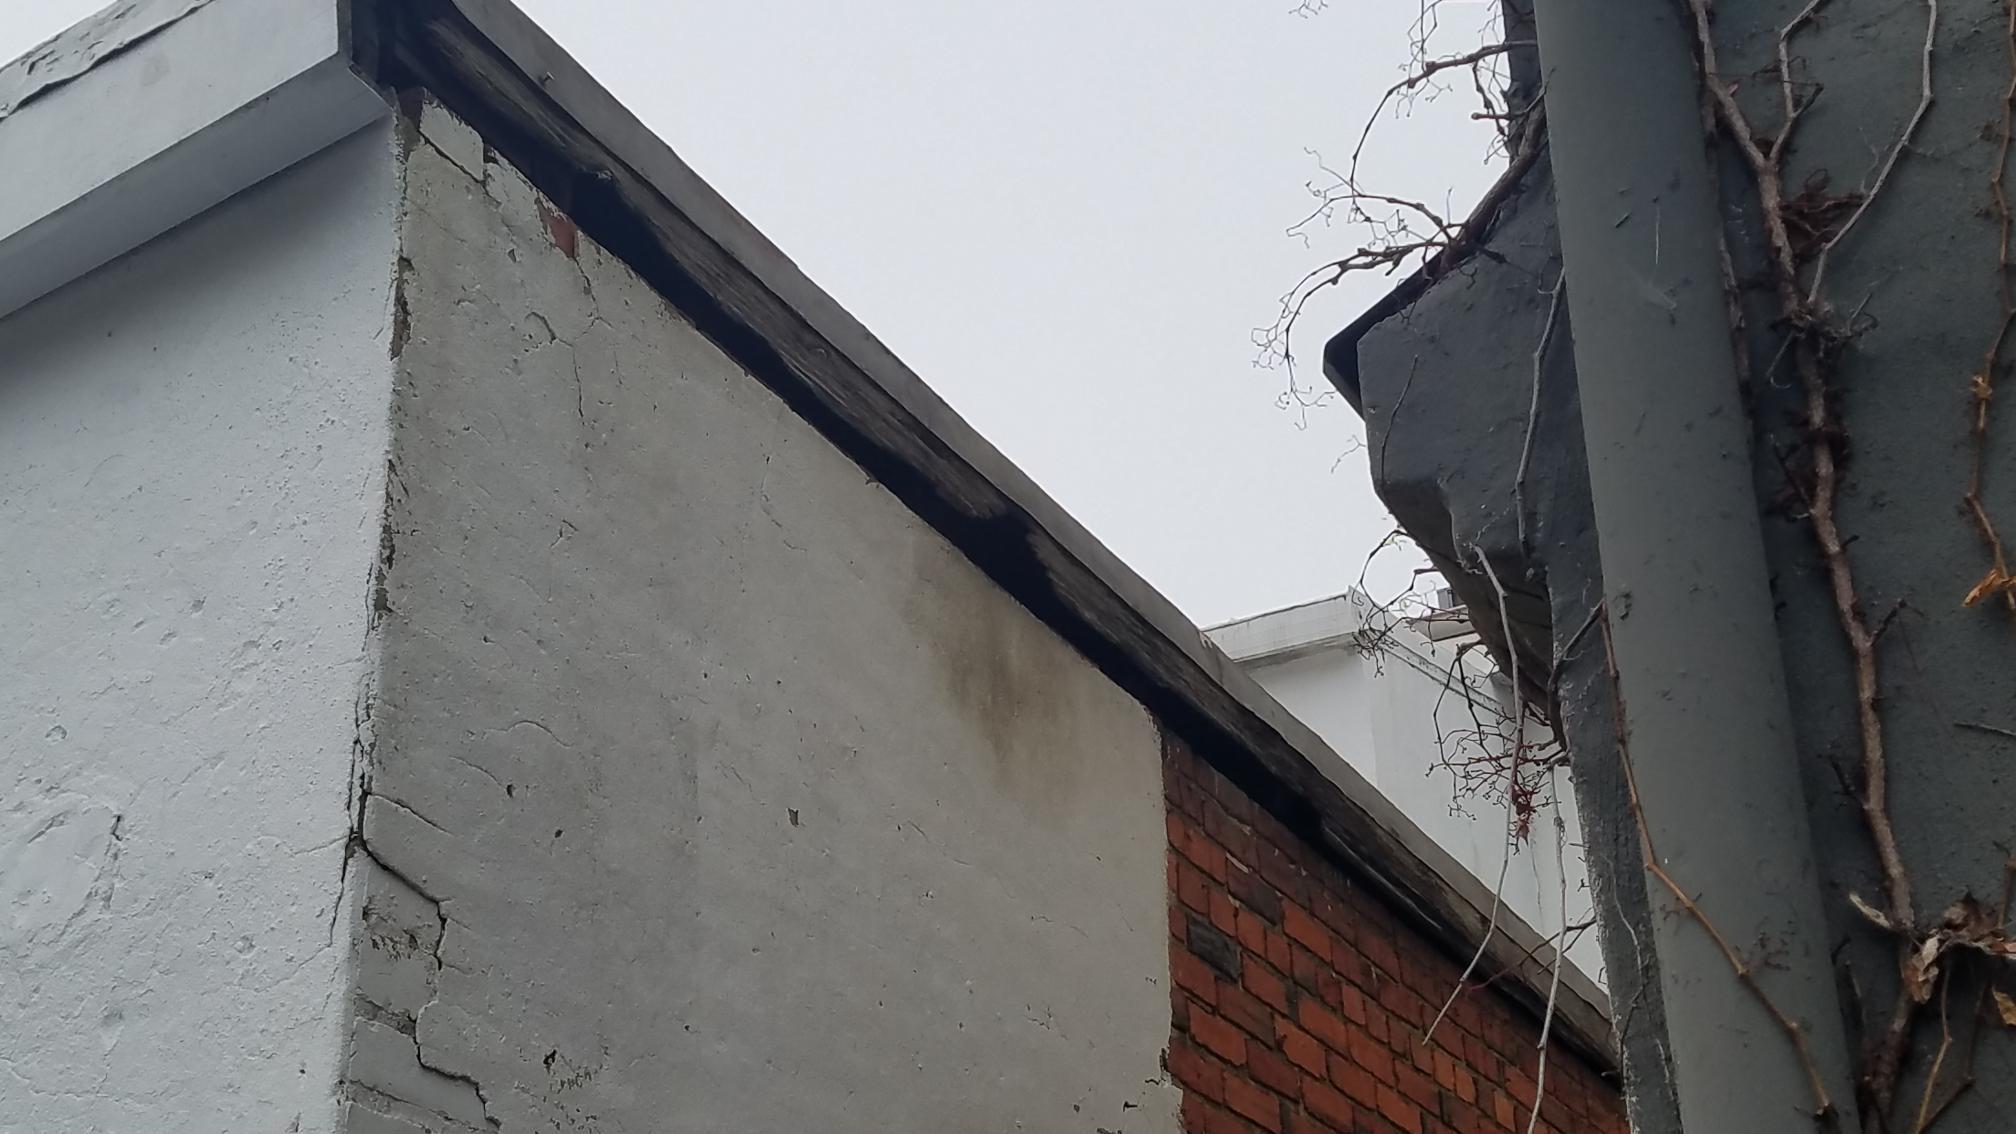 Rotten Fascia Causing Leak In Roof